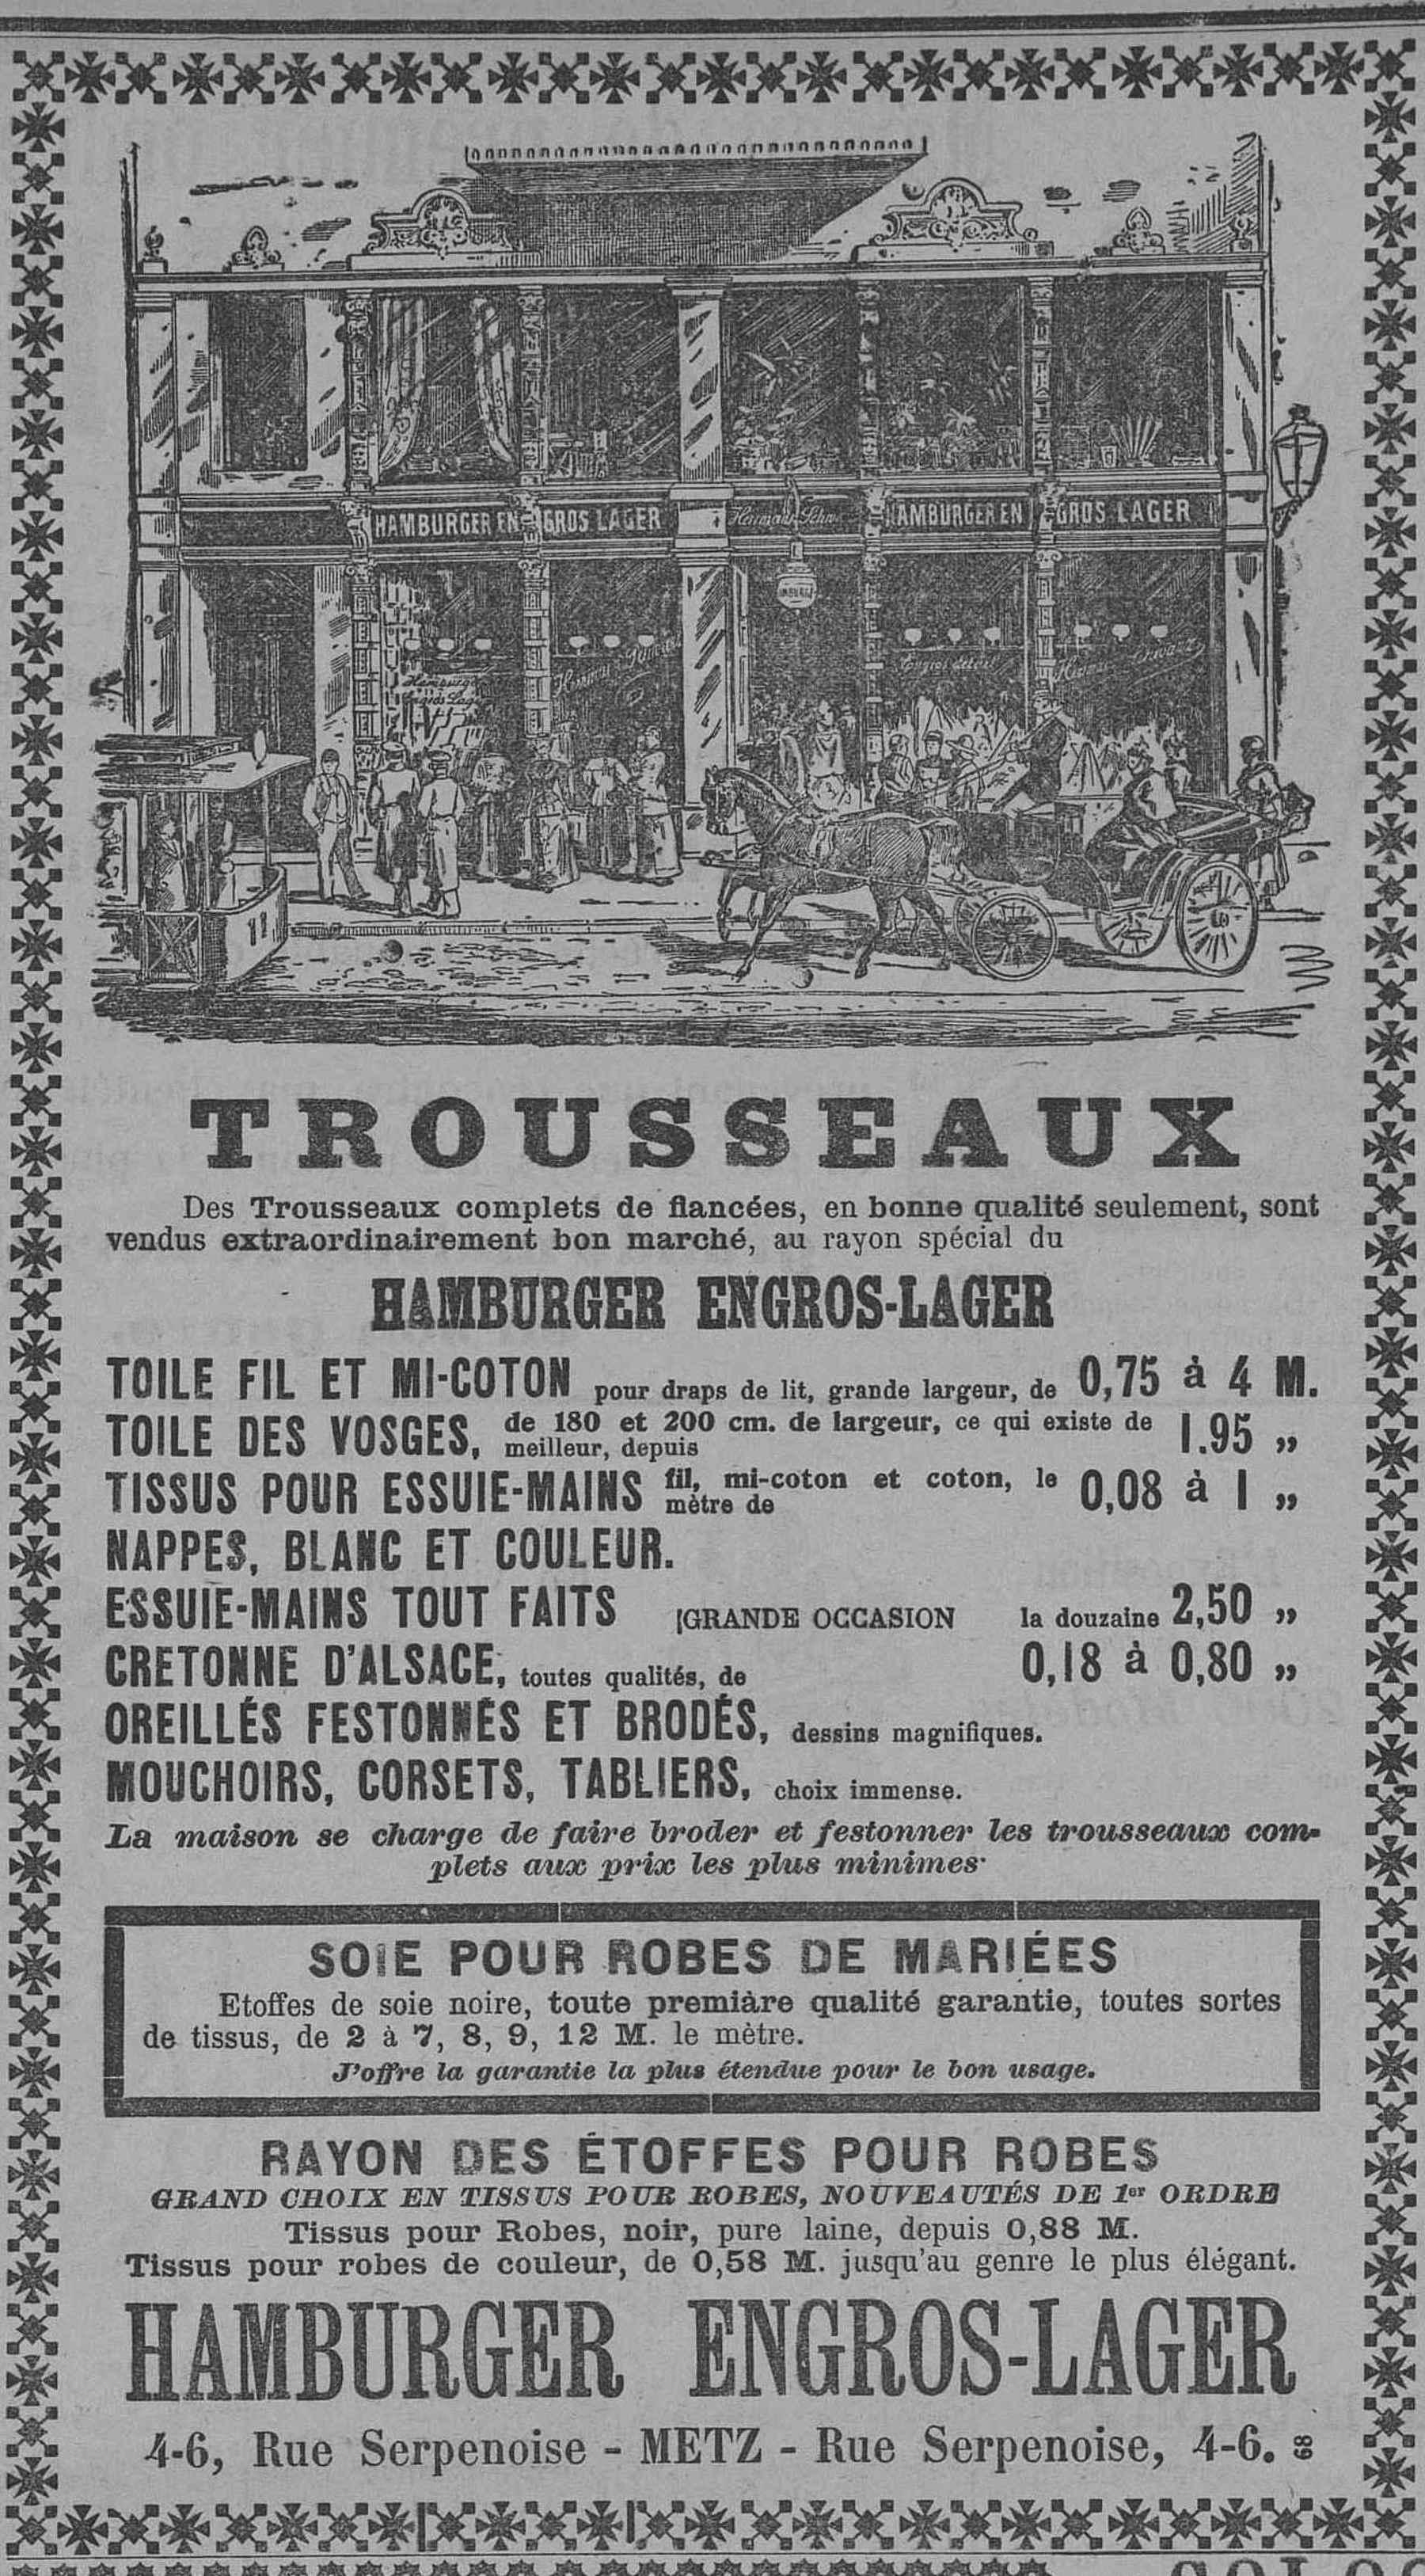 Contenu du Hamburger Engros-Lager.Trousseaux